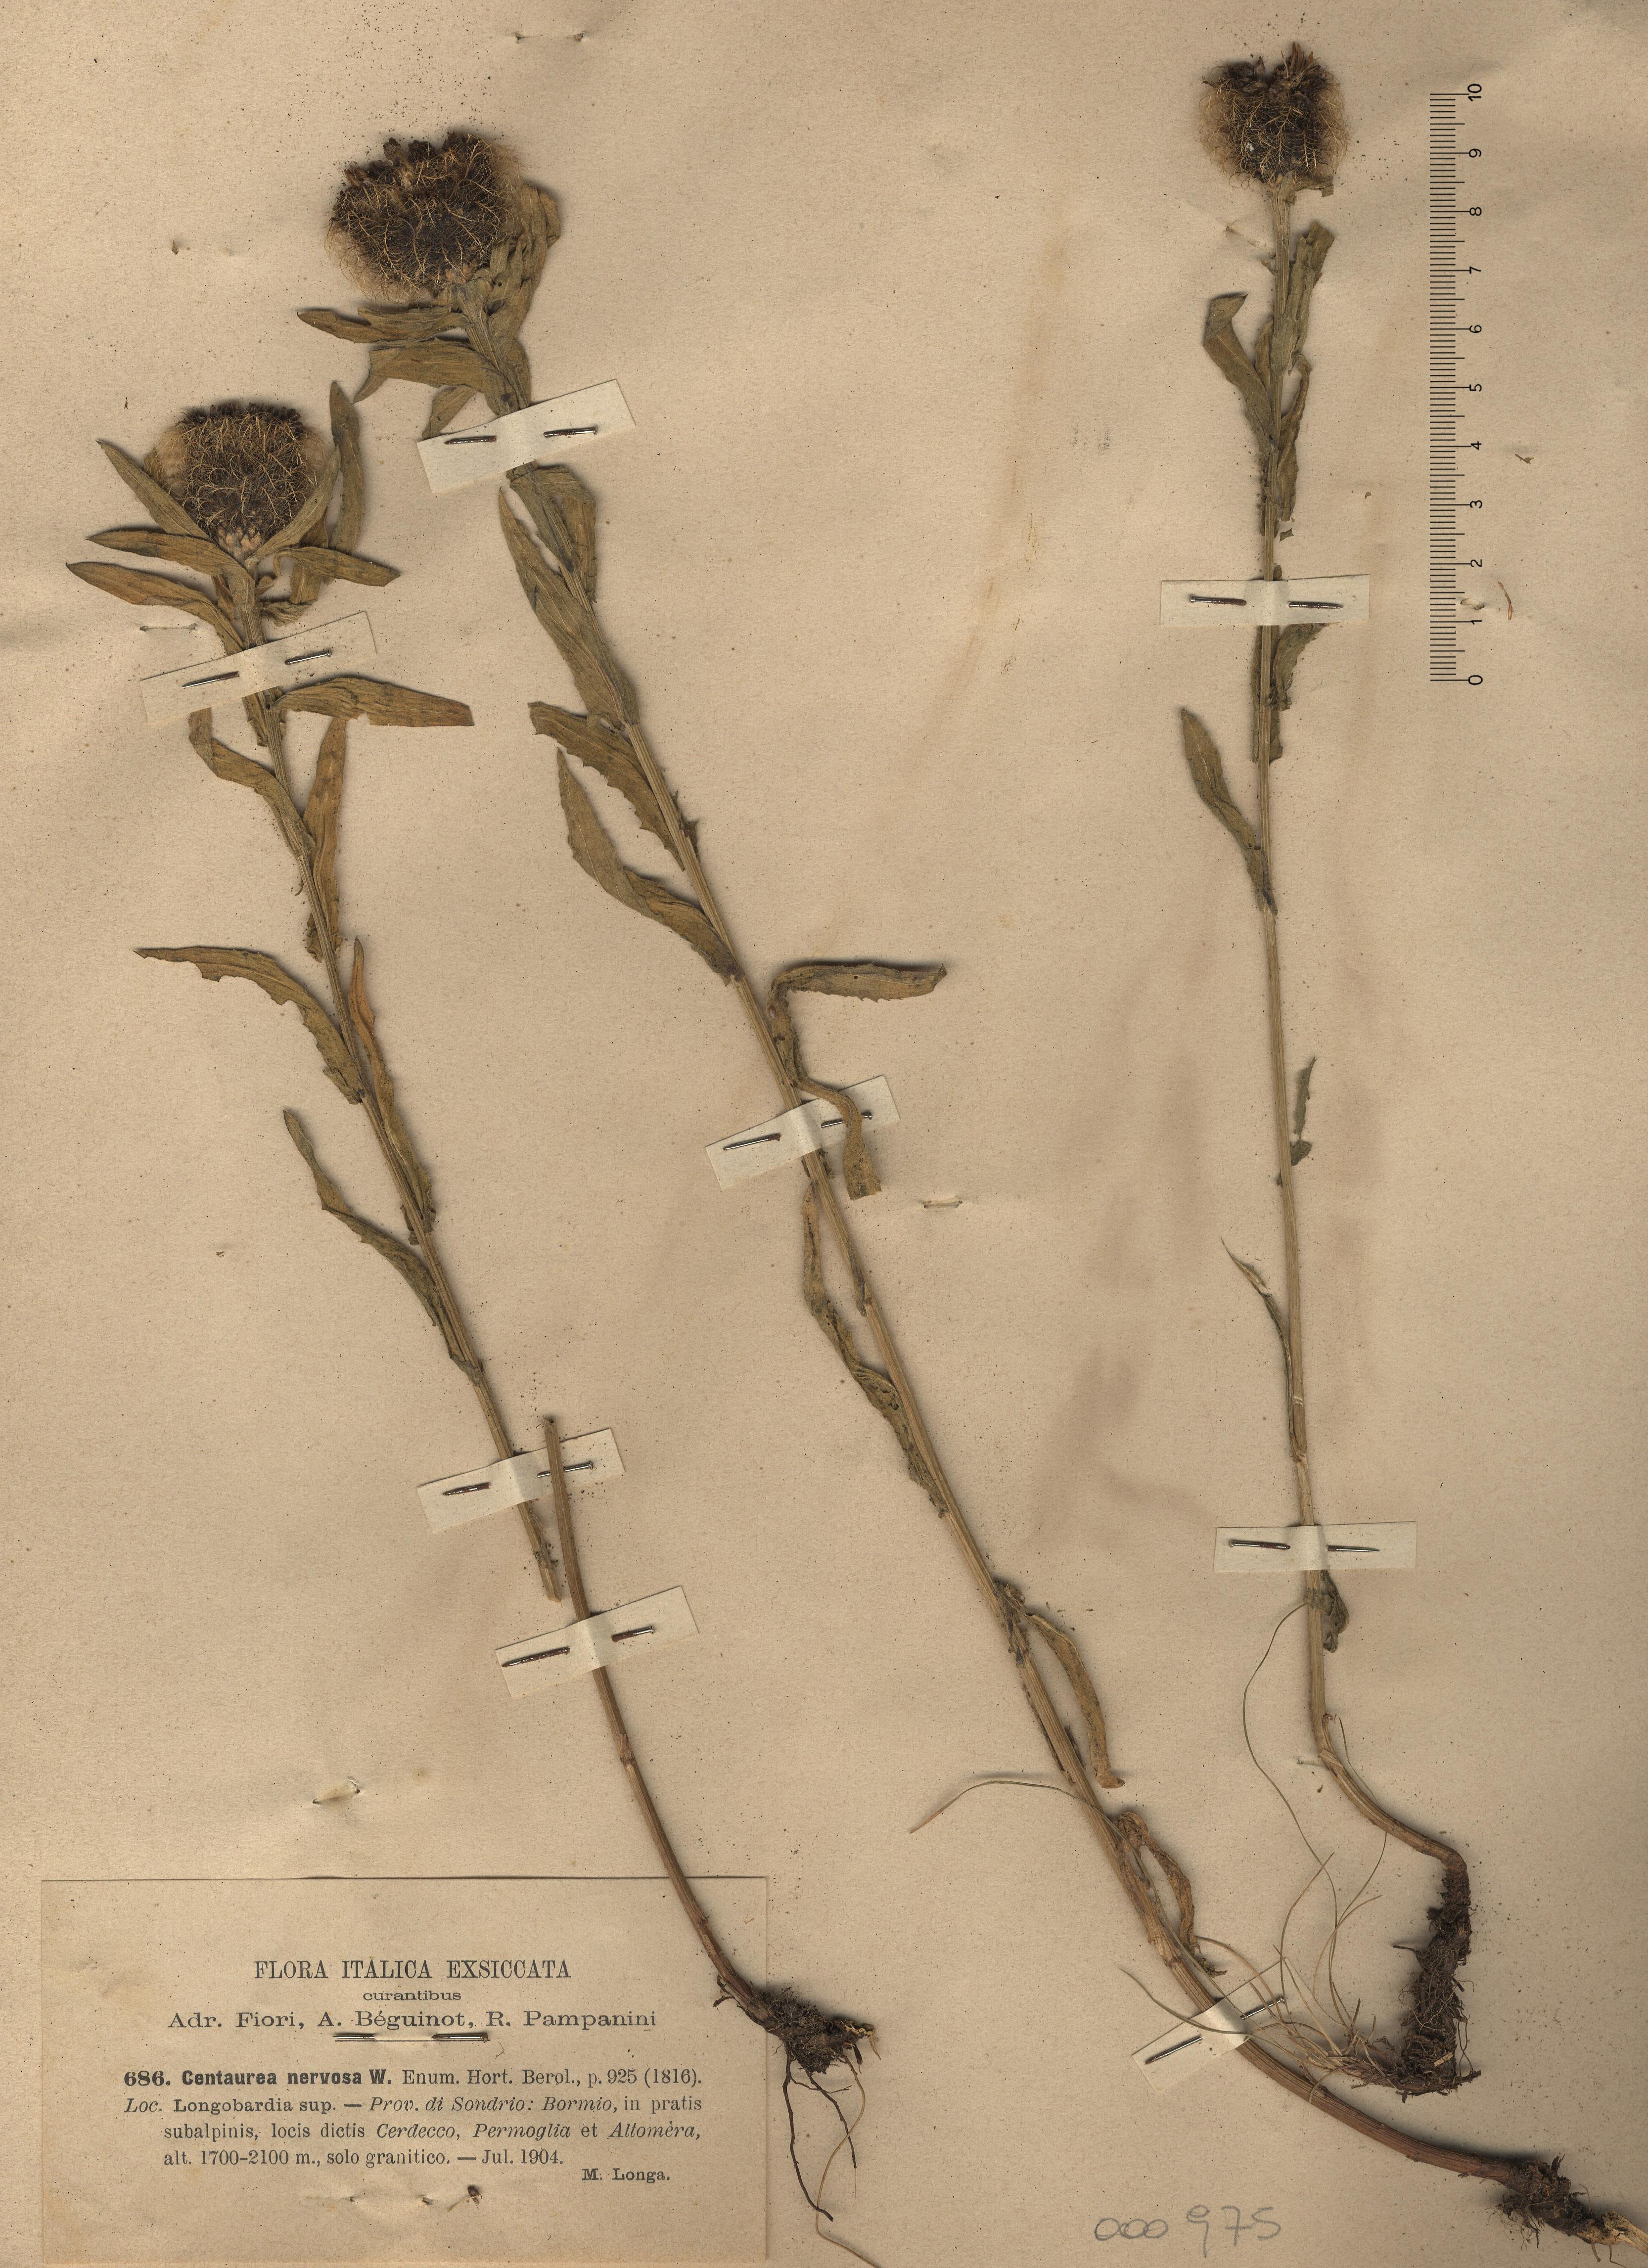 © Hortus Botanicus Catinensis - Herb. sheet 000975<br>